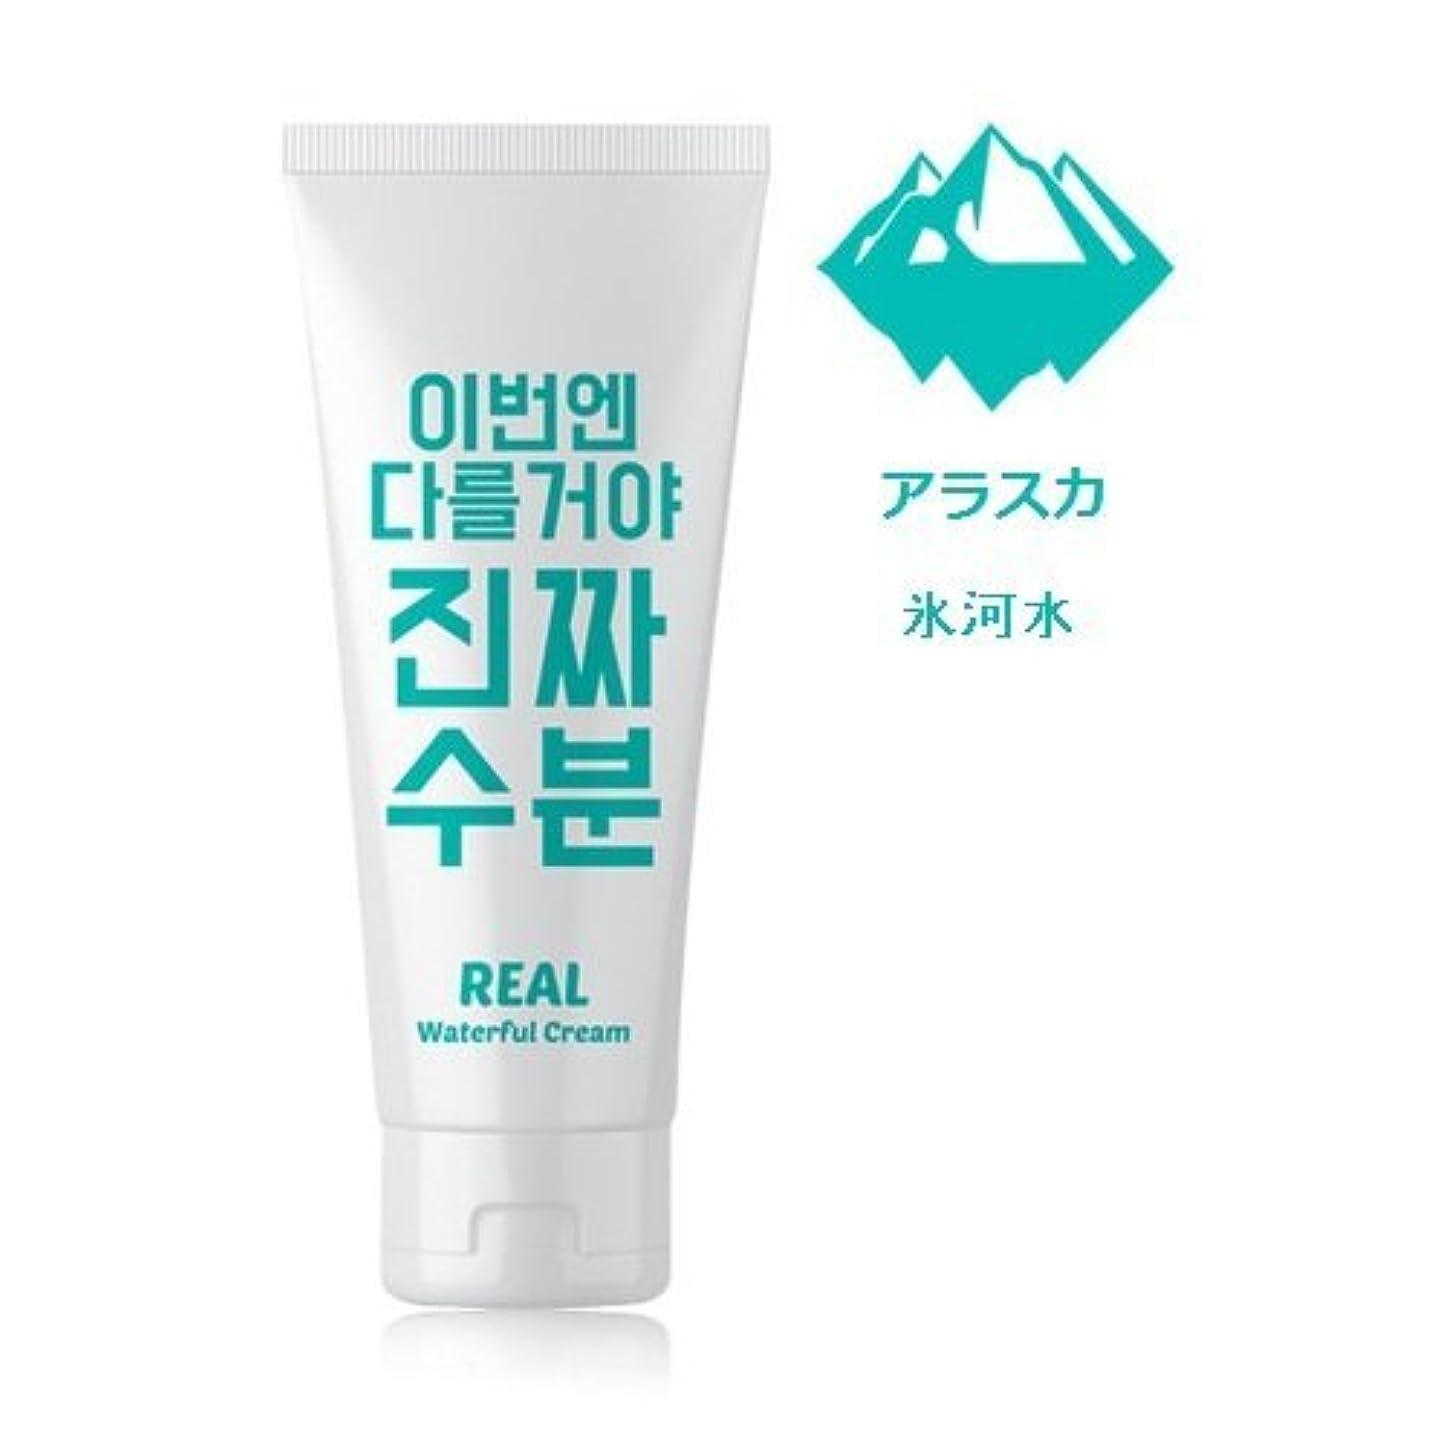 沿って男性ブラジャー[1+1]Jaminkyung [FREE MARK] Real Waterful Cream 200g*2EA ジャミンギョン[フリーマーク]今度は違うぞ!! 本当の水分クリーム [並行輸入品]